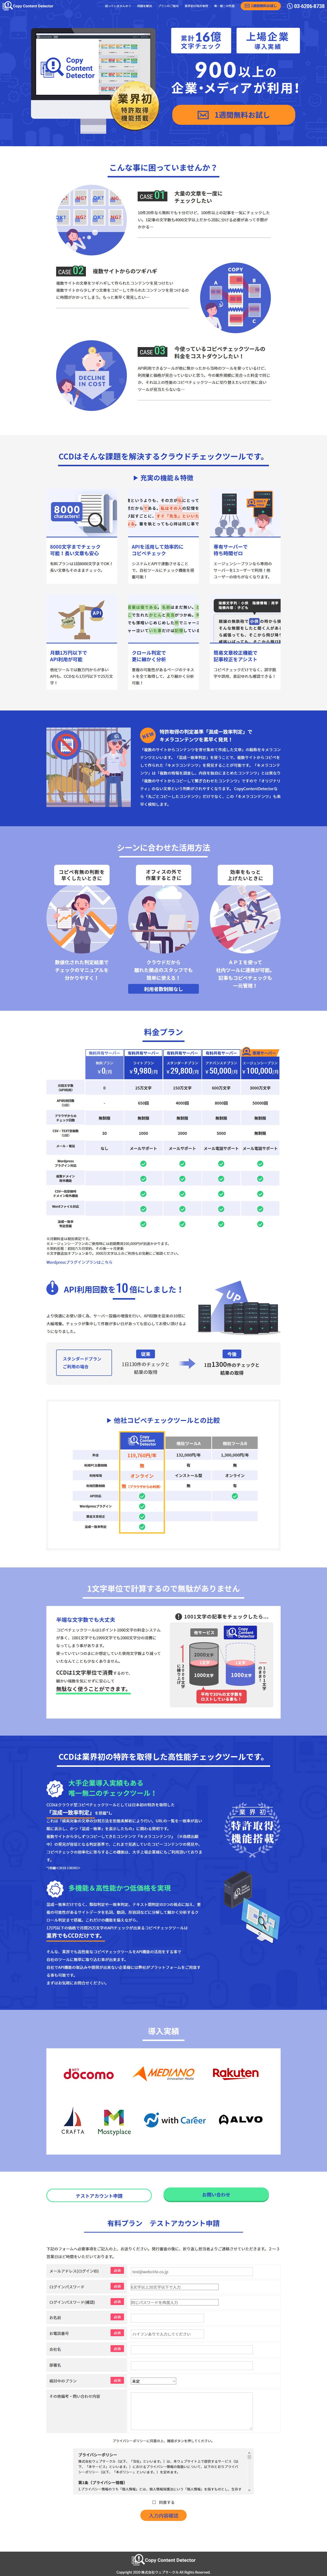 高性能コピペチェックツールCopy Content Detector